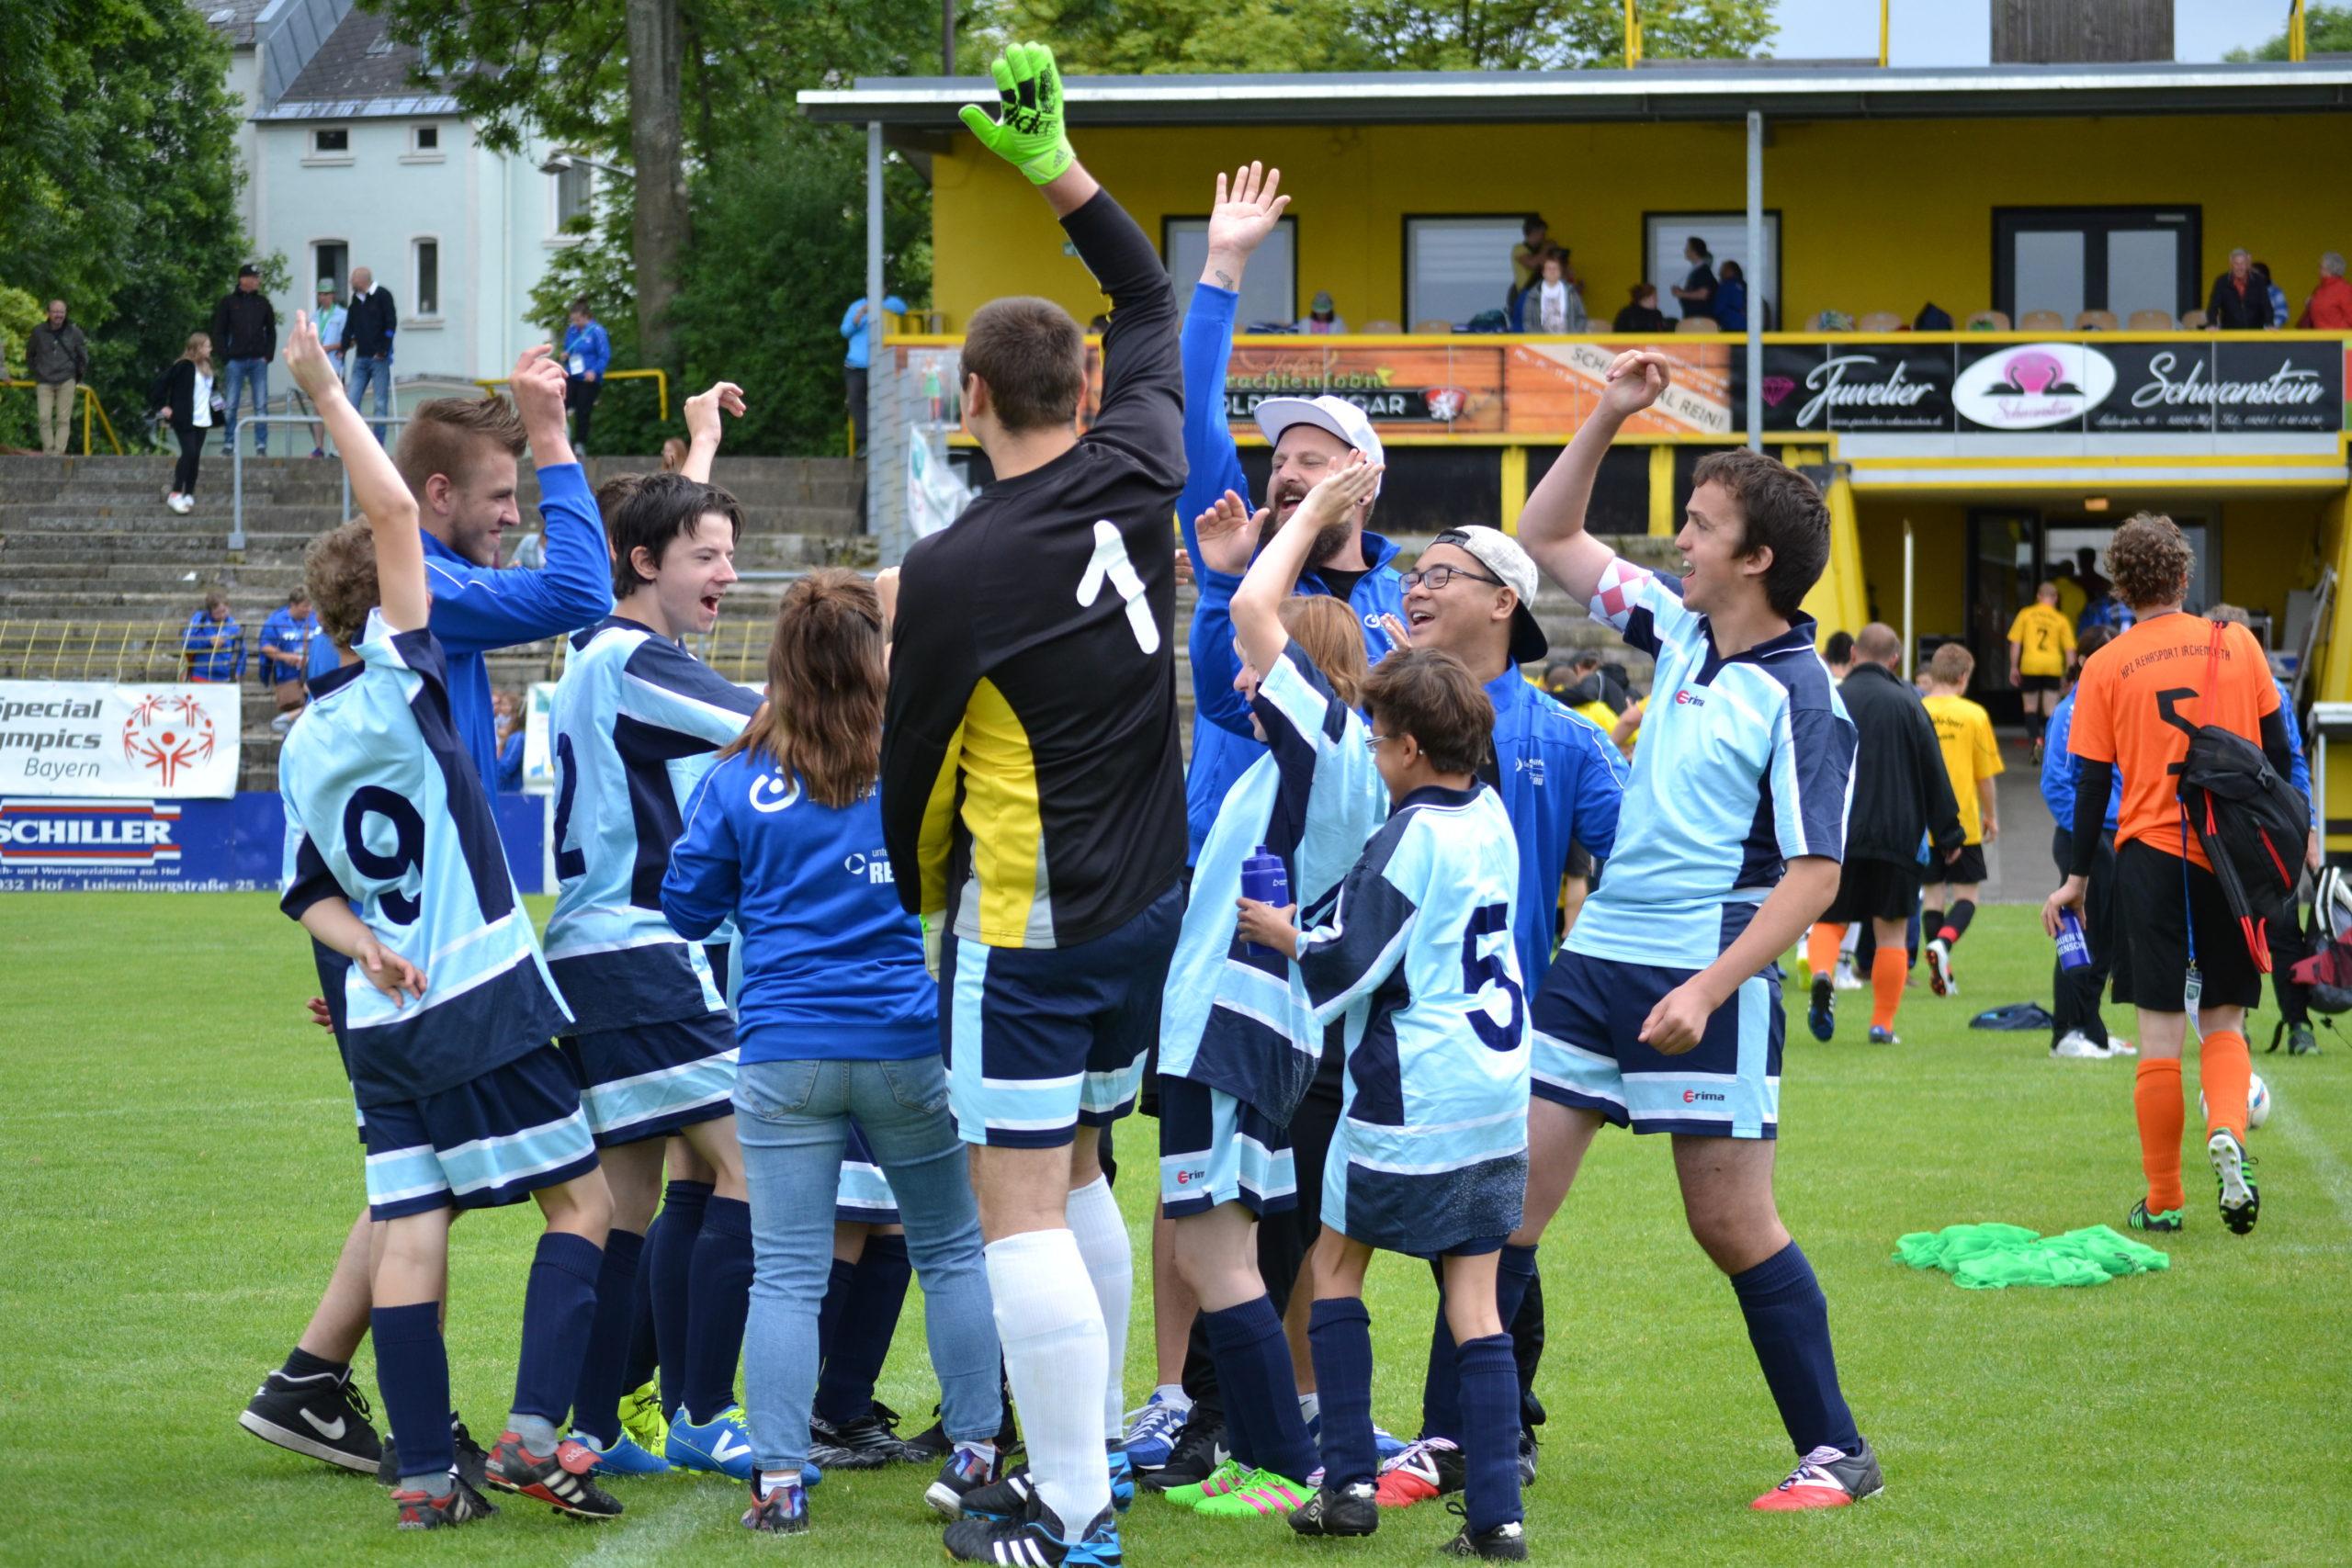 Hof 2017_170714_Fußball_Geyer, Pfundt, Schreier (74)